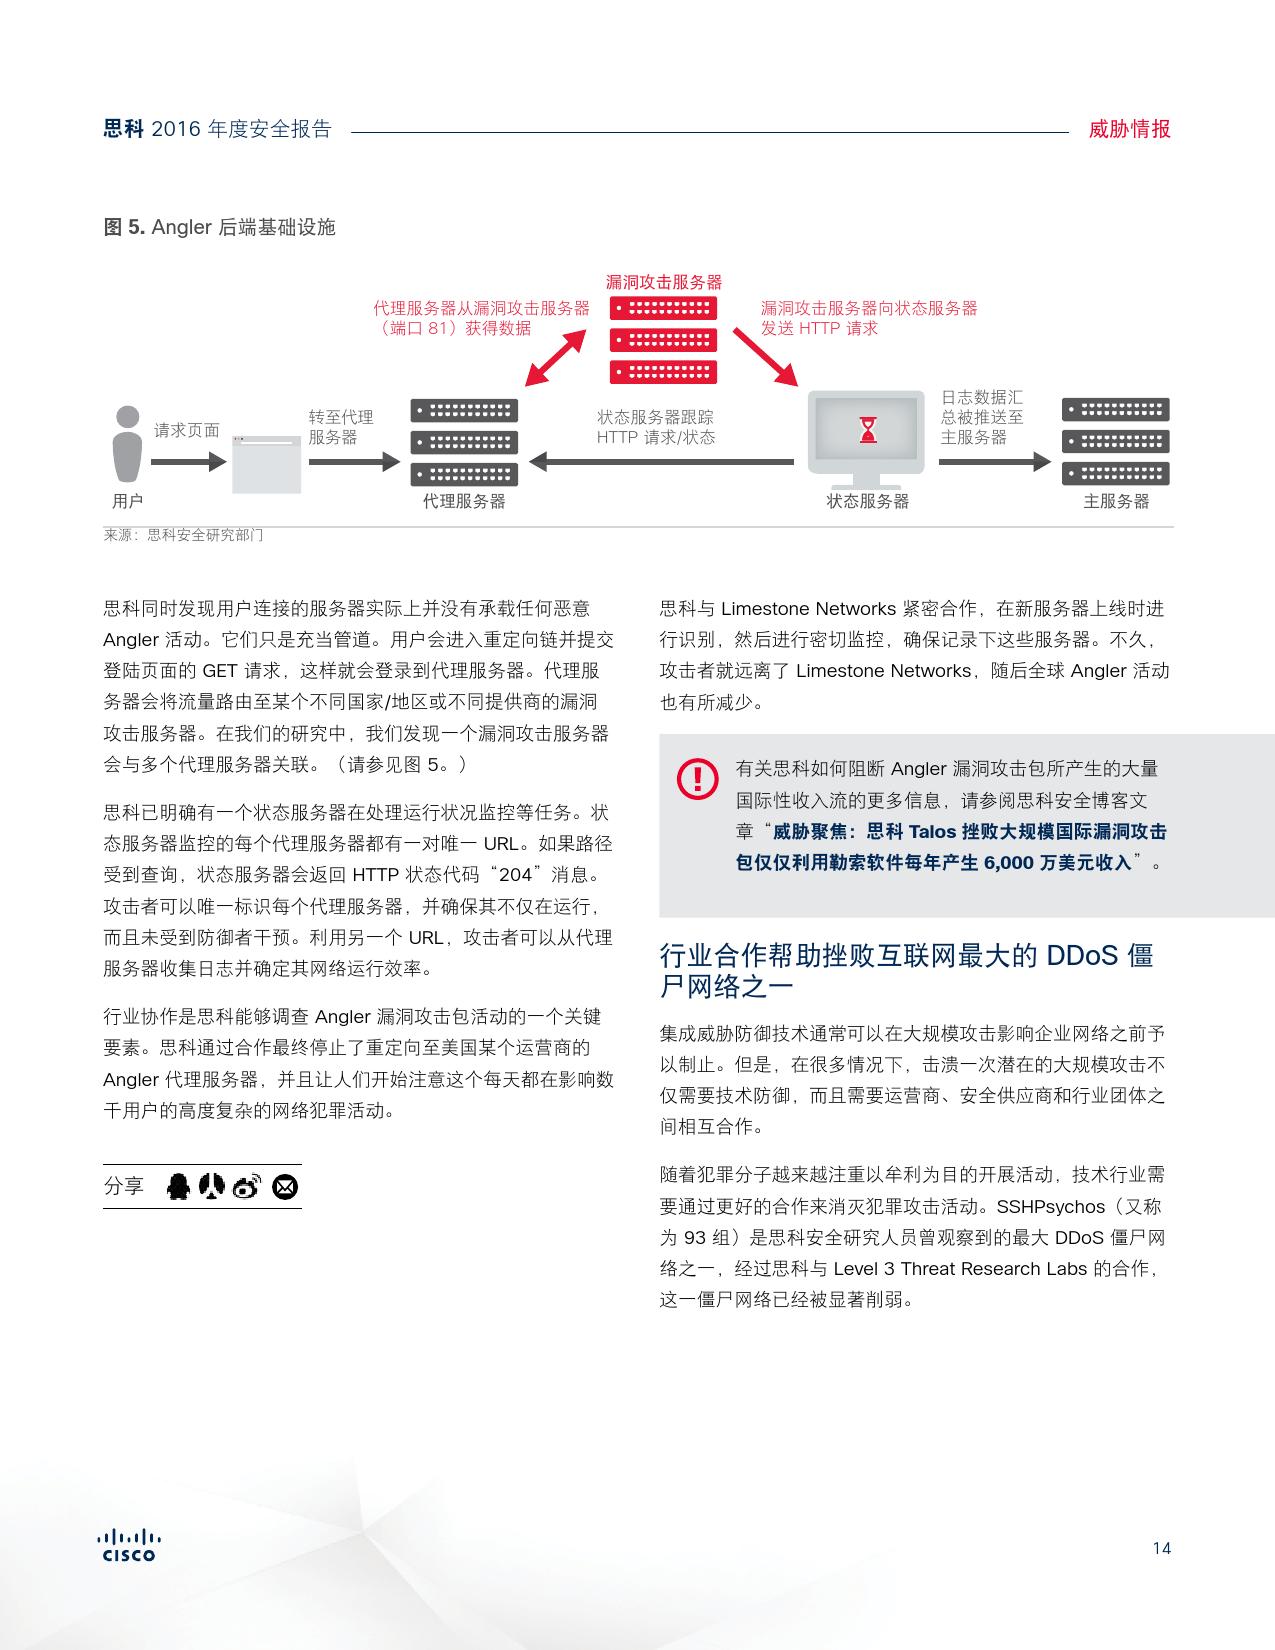 2016年中网络安全报告_000014